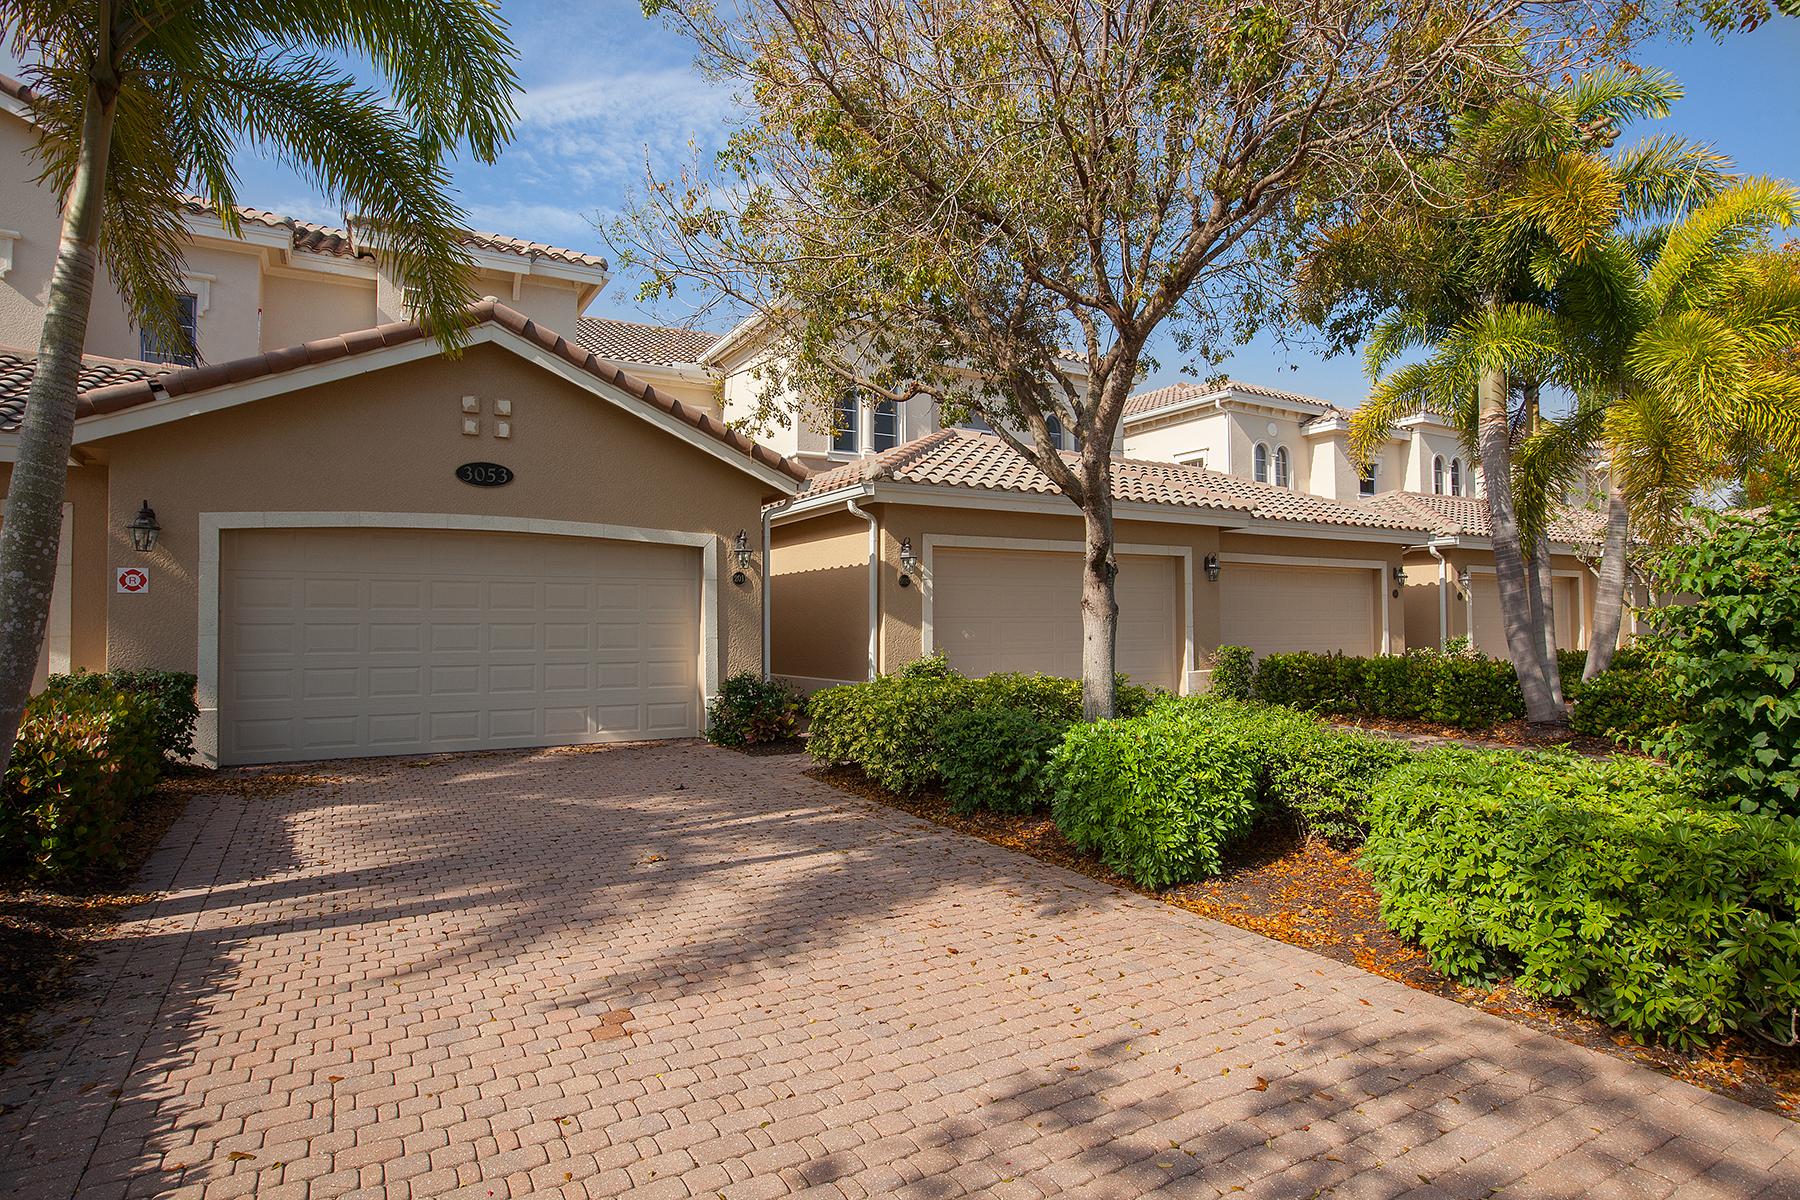 Nhà chung cư vì Bán tại FIDDLER'S CREEK - MARENGO 3053 Aviamar Cir 201 Naples, Florida, 34114 Hoa Kỳ